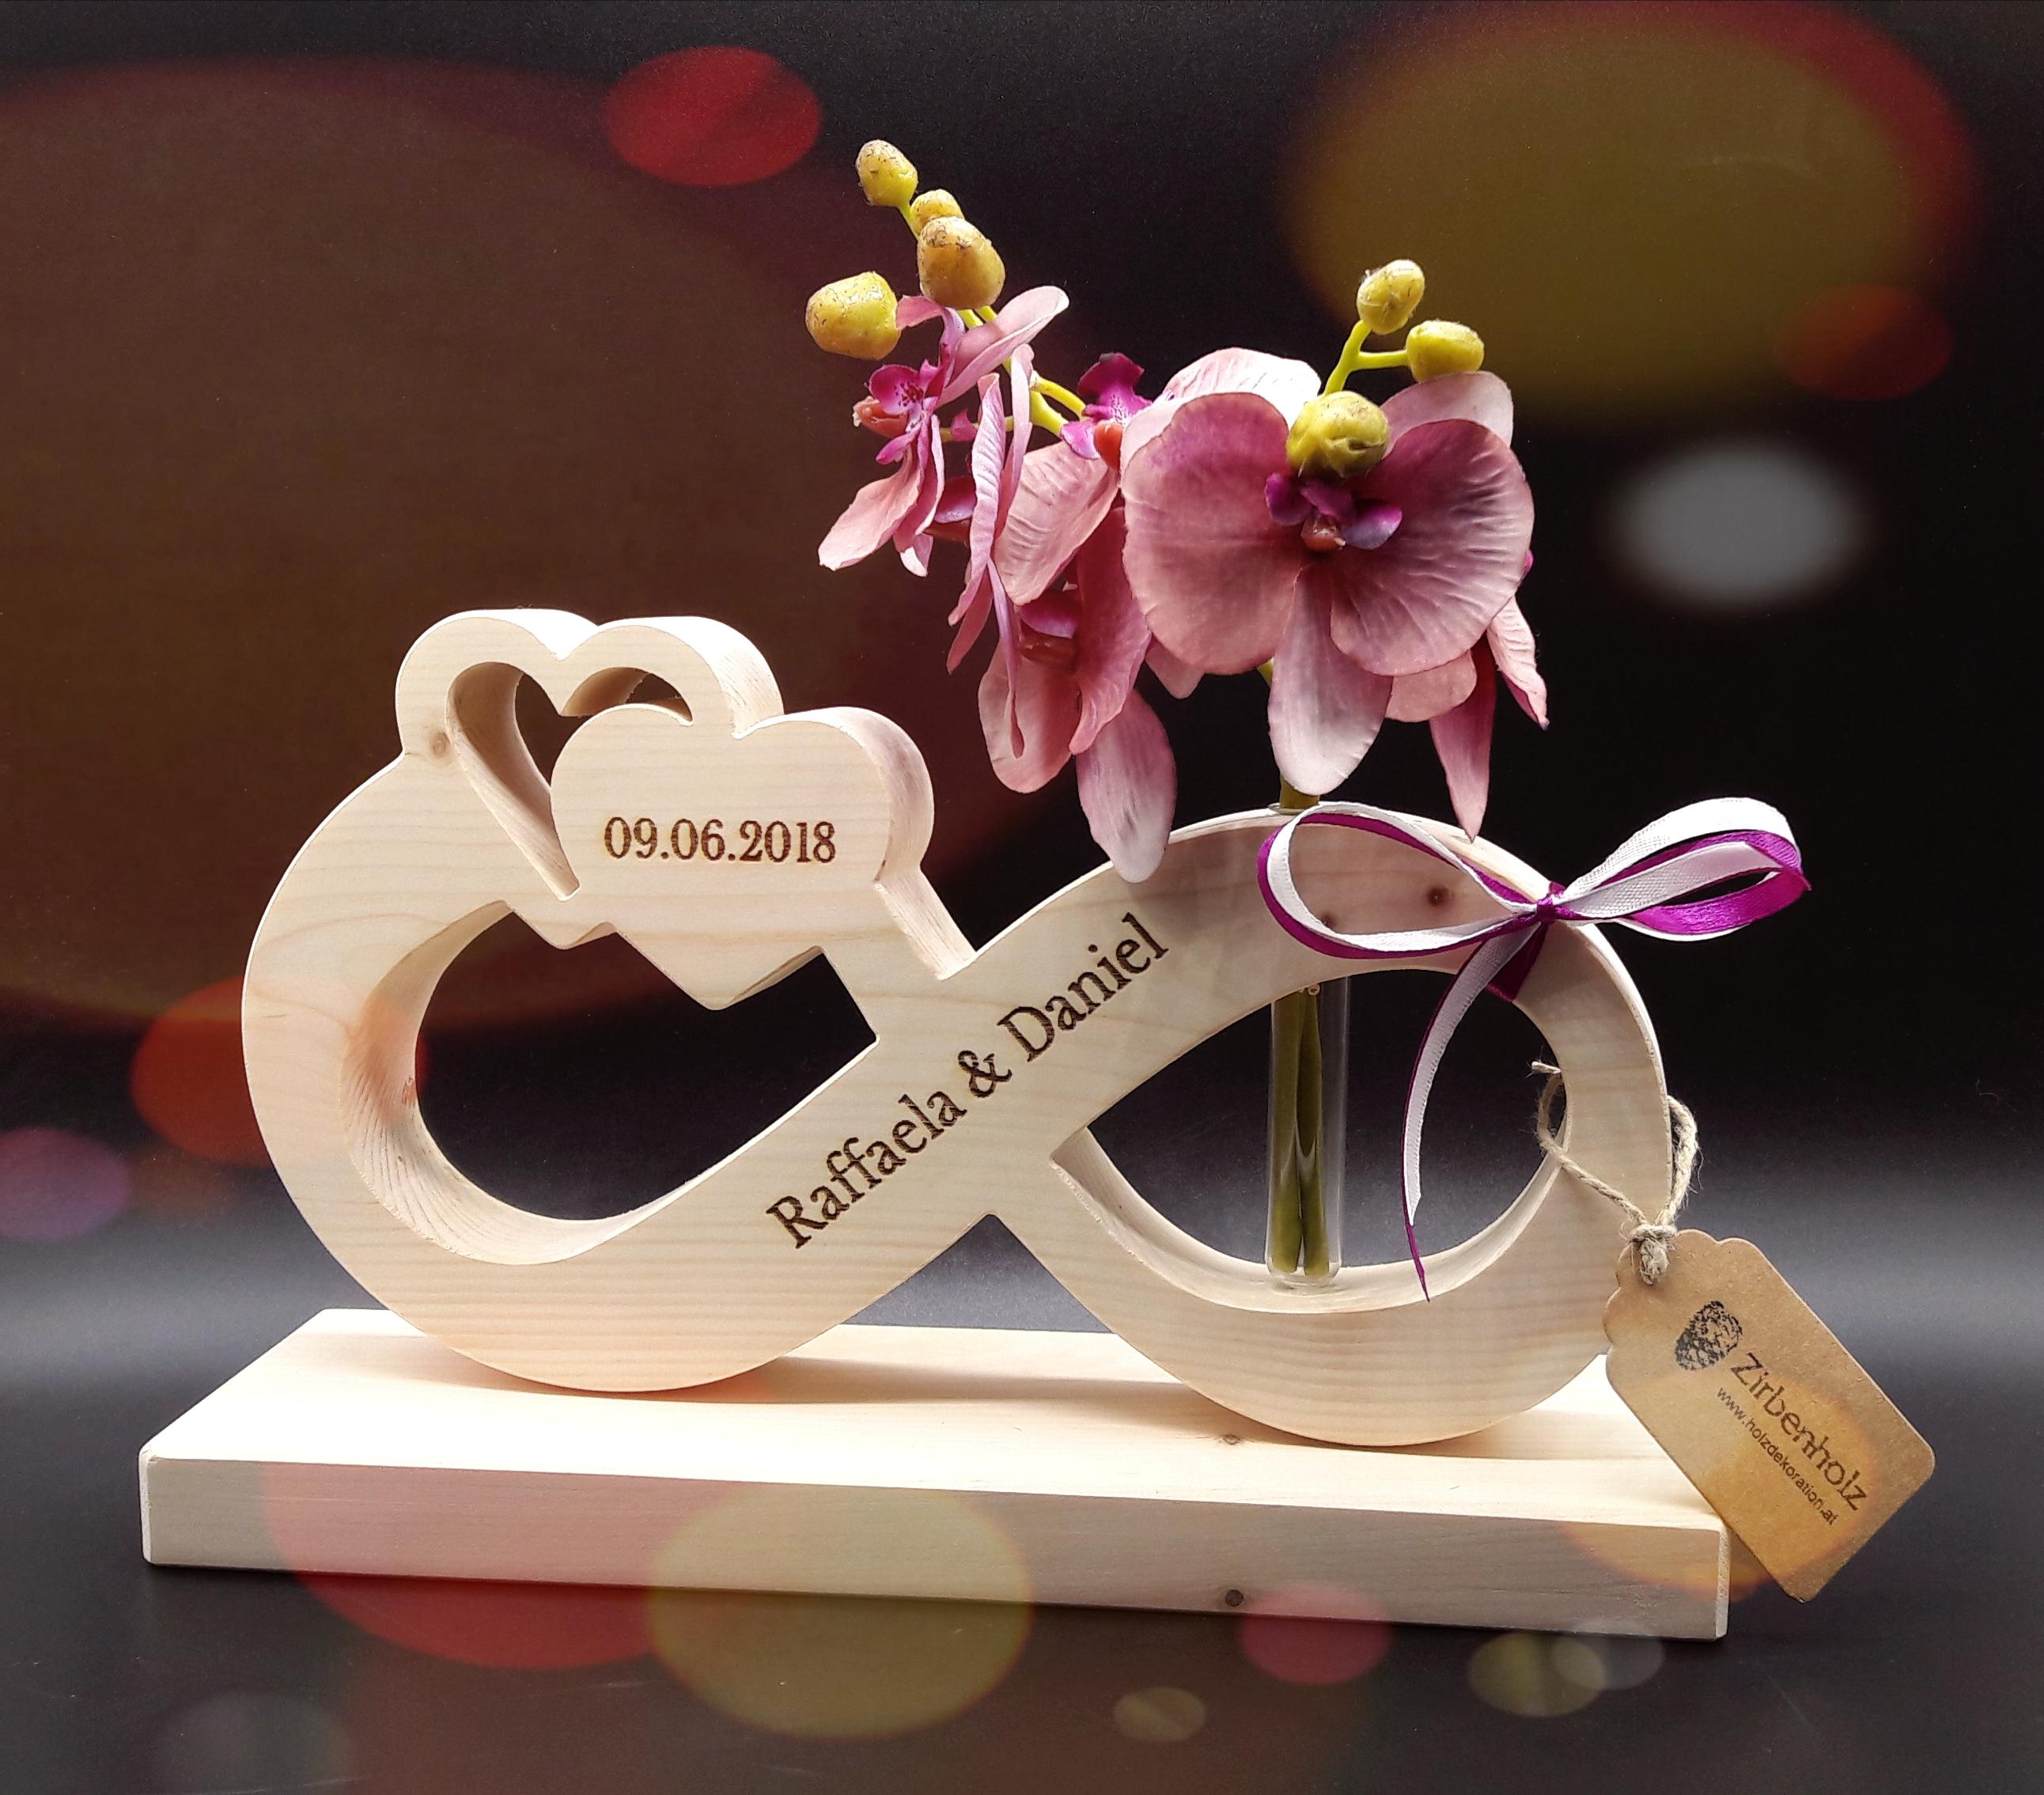 Hochzeit Geschenk Gastgeschenke Hochzeit Ideen